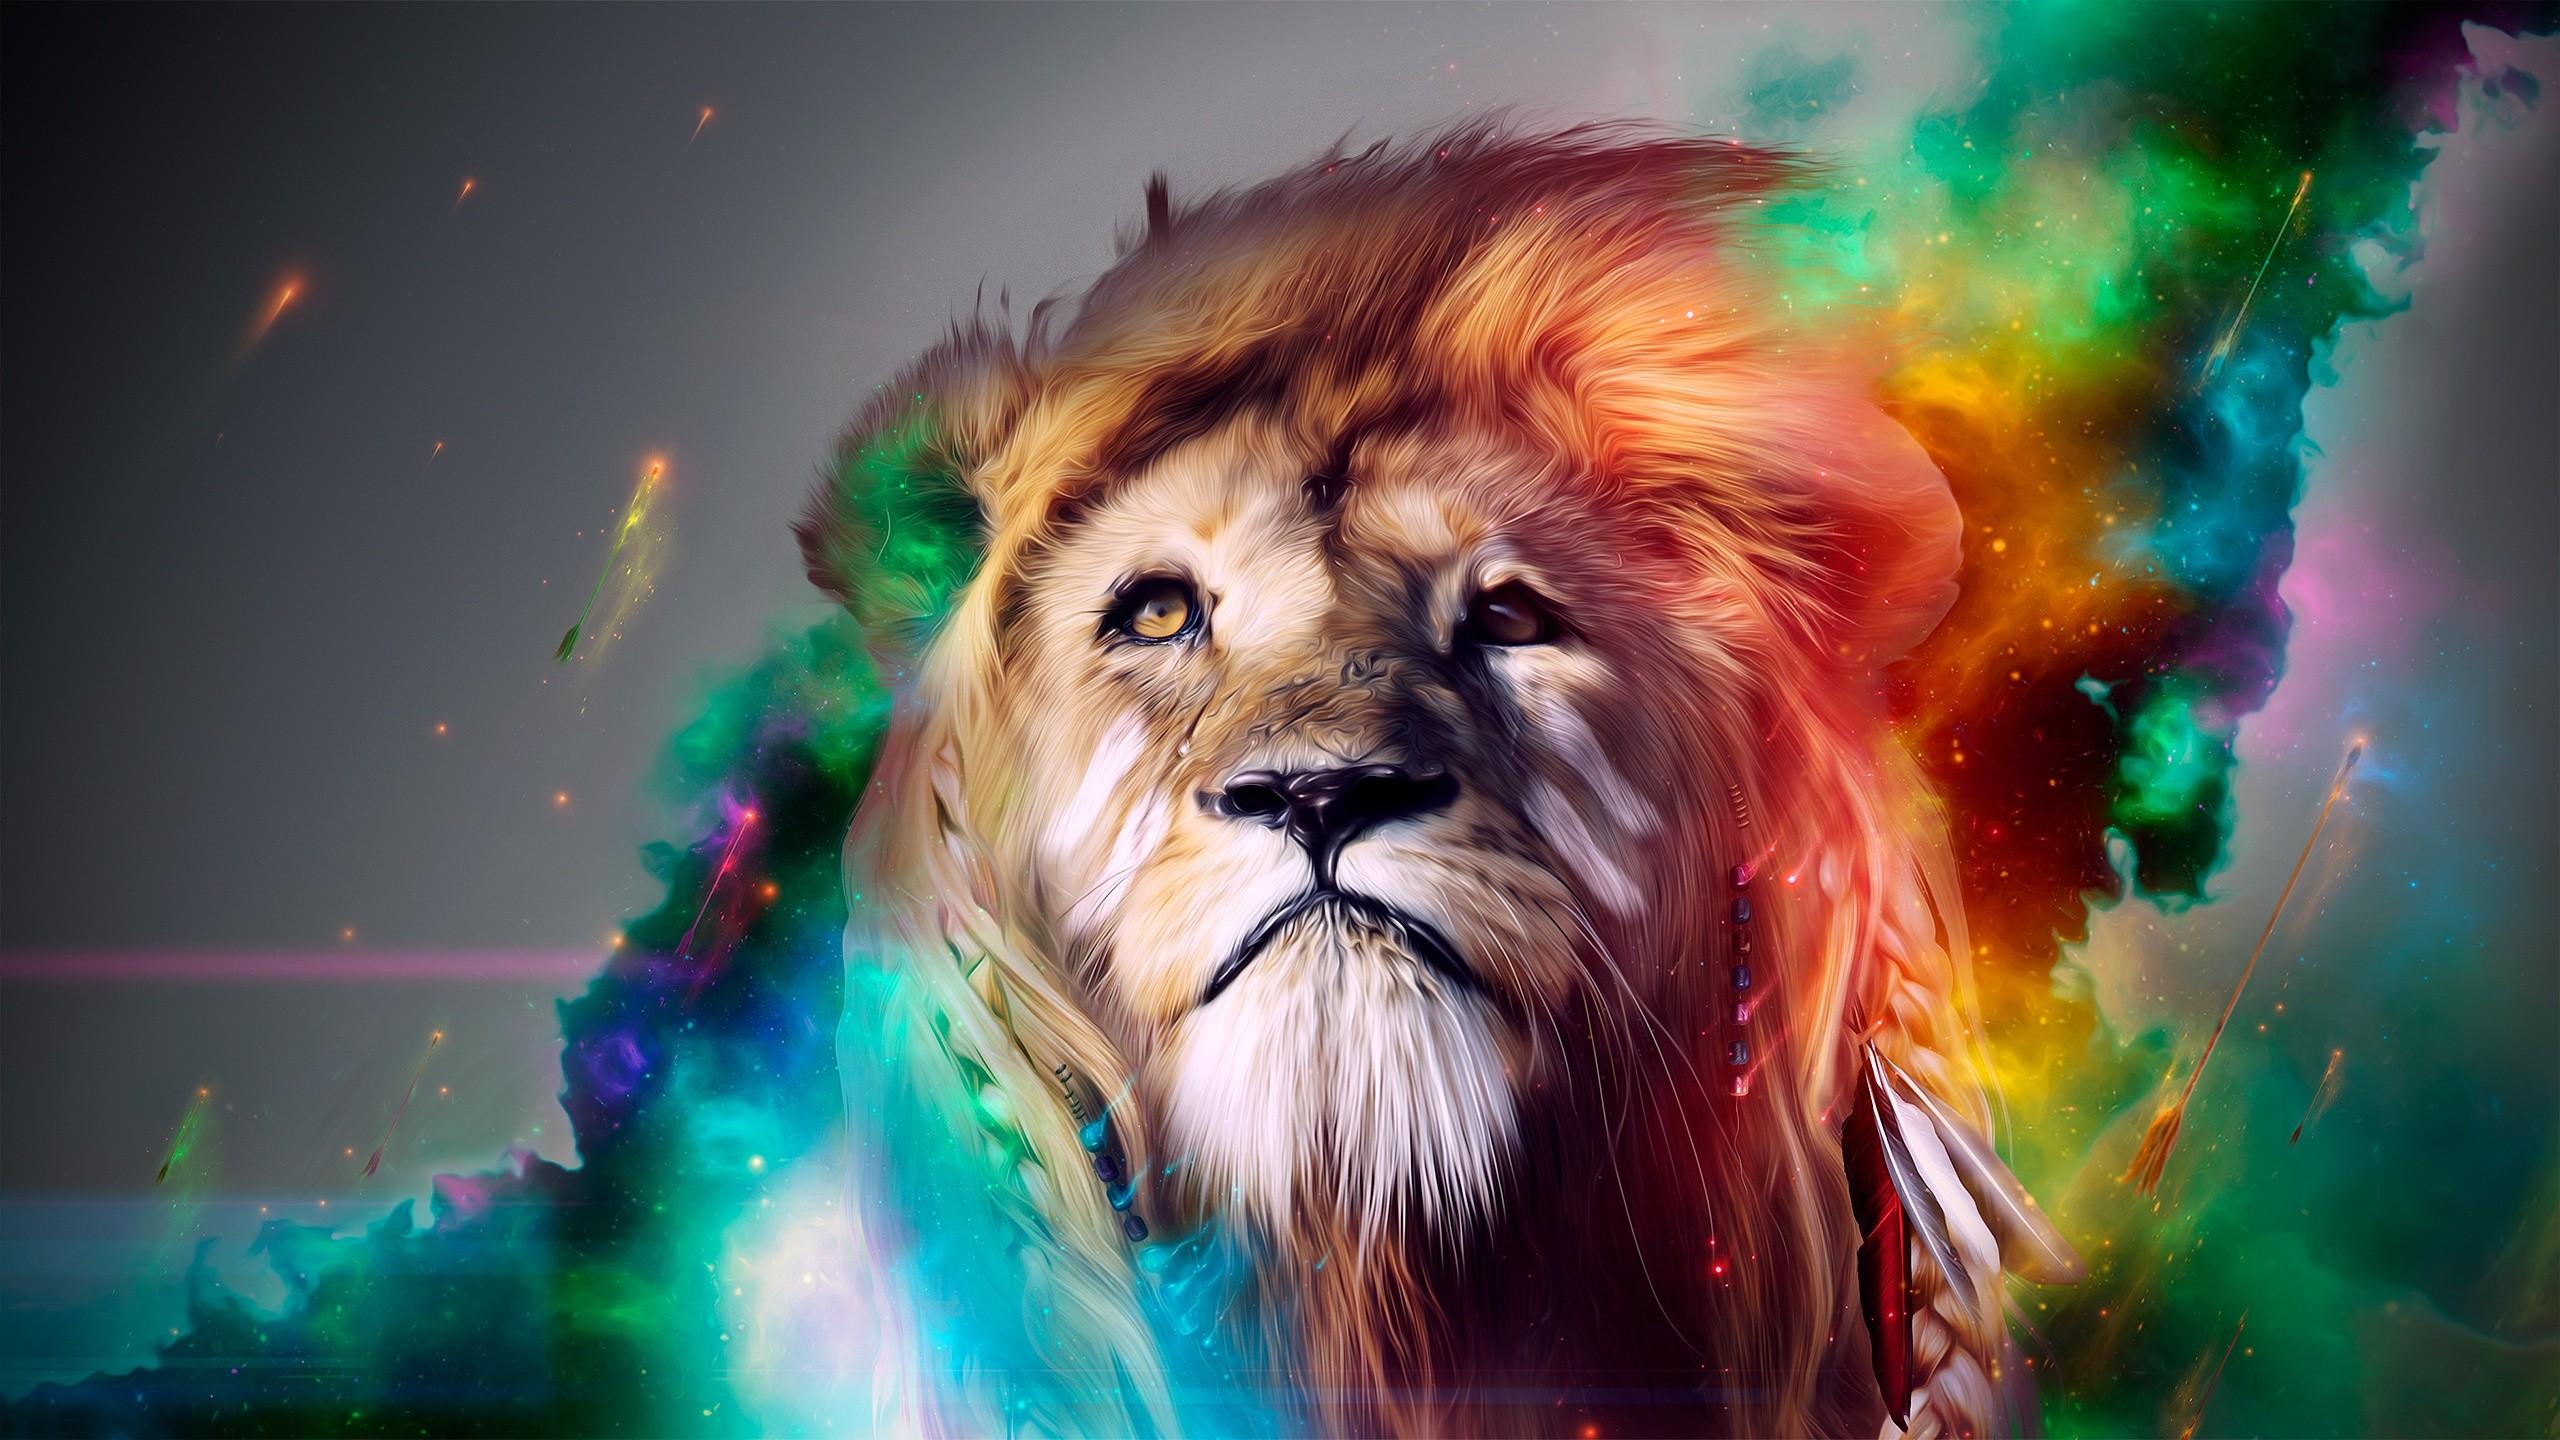 3D Lion Images